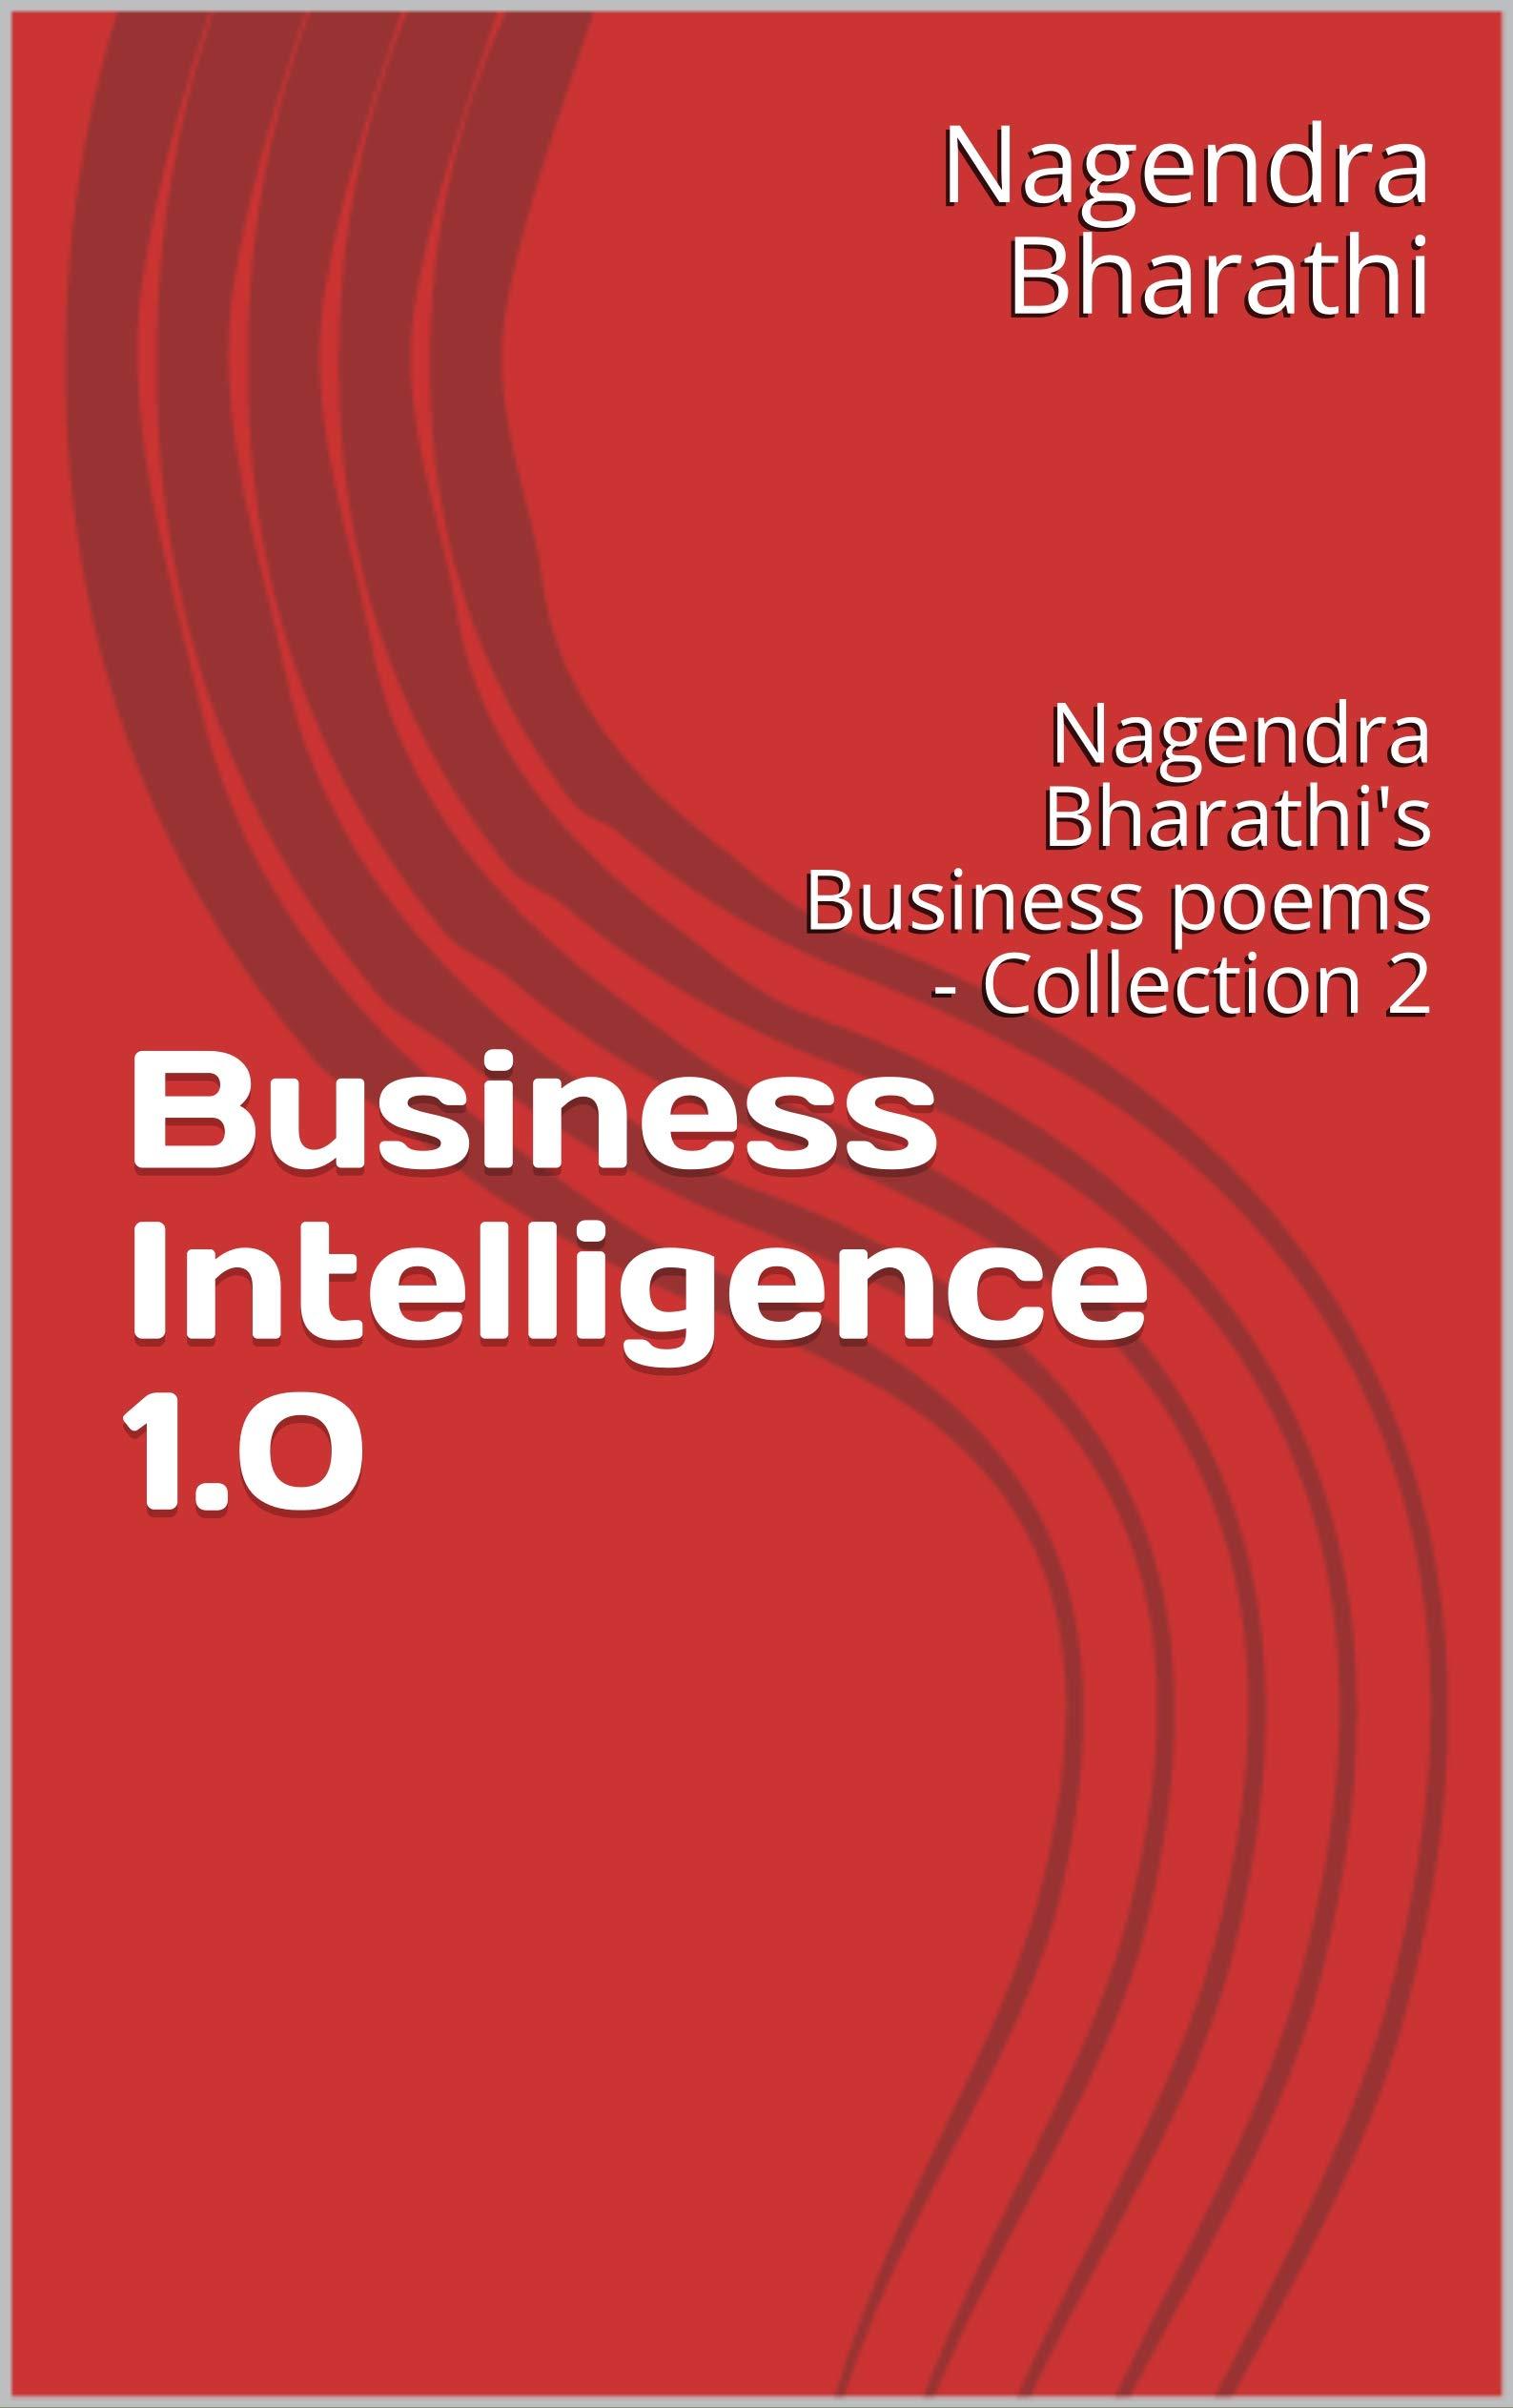 Business Intelligence 1.0: Nagendra Bharathi's Business poems - Collection 2 (Nagendra Bharathi's Business poems Collection)